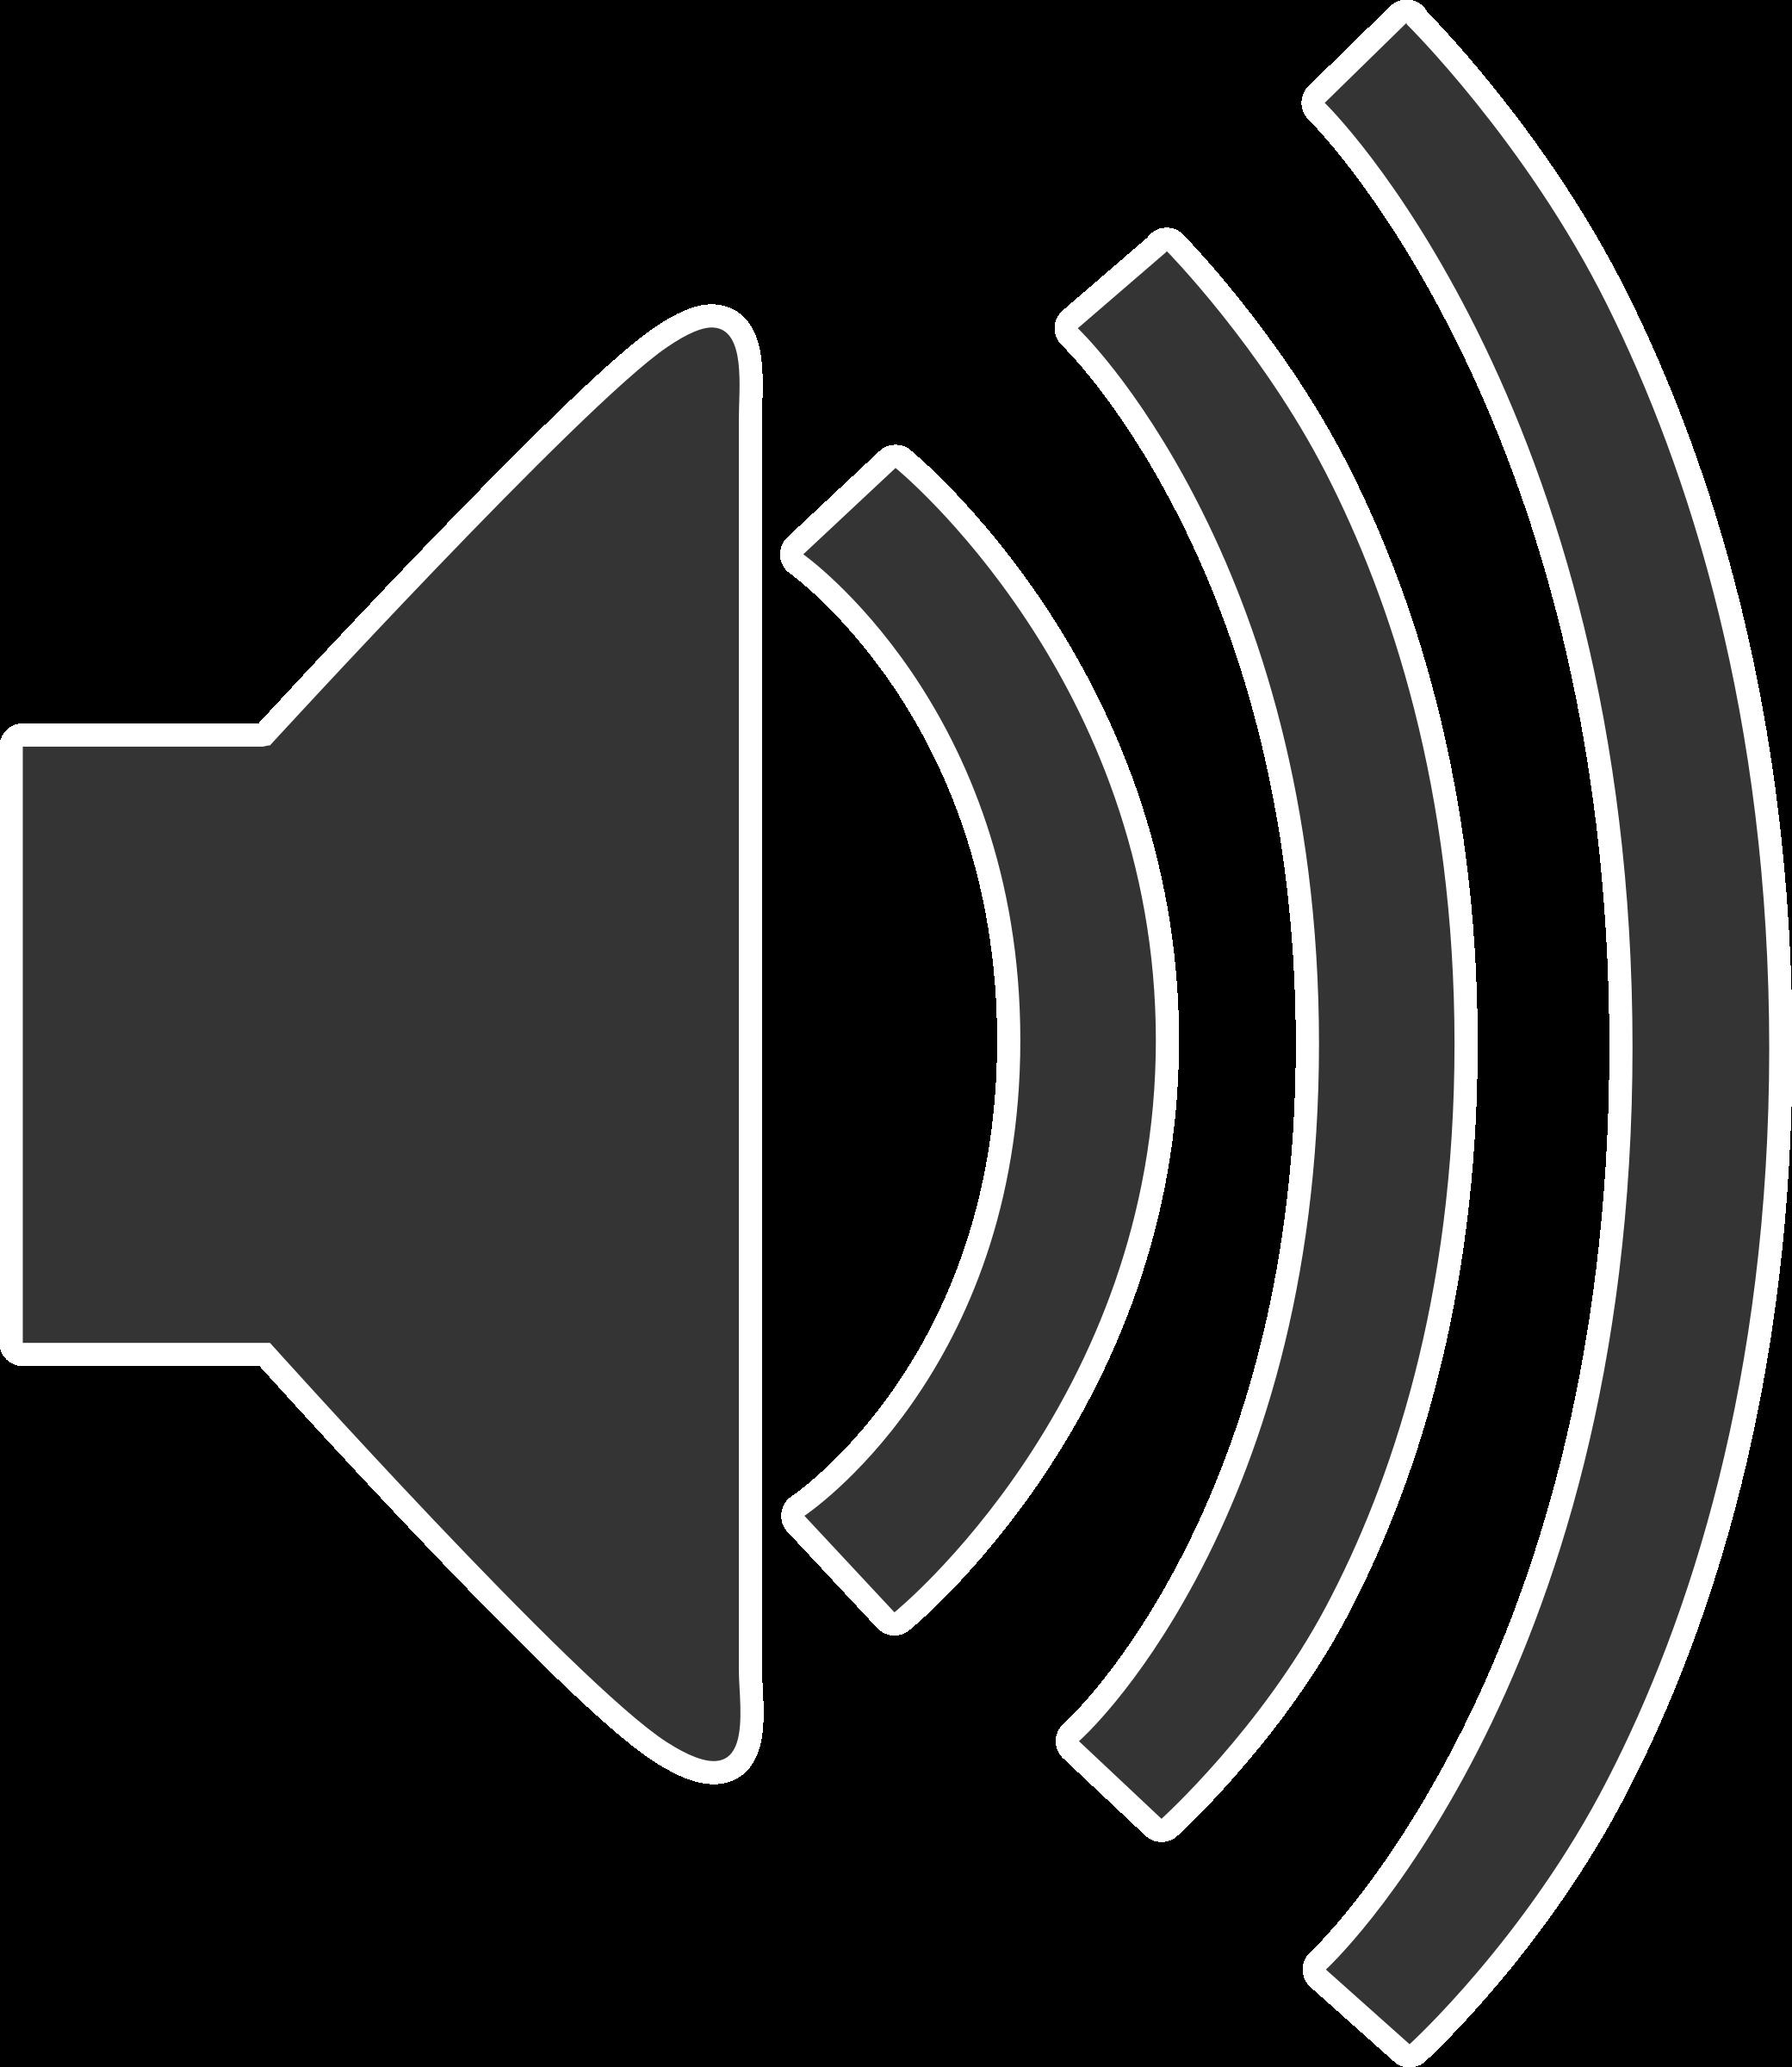 2081x2400 Speaker Icon Vector Art. Image